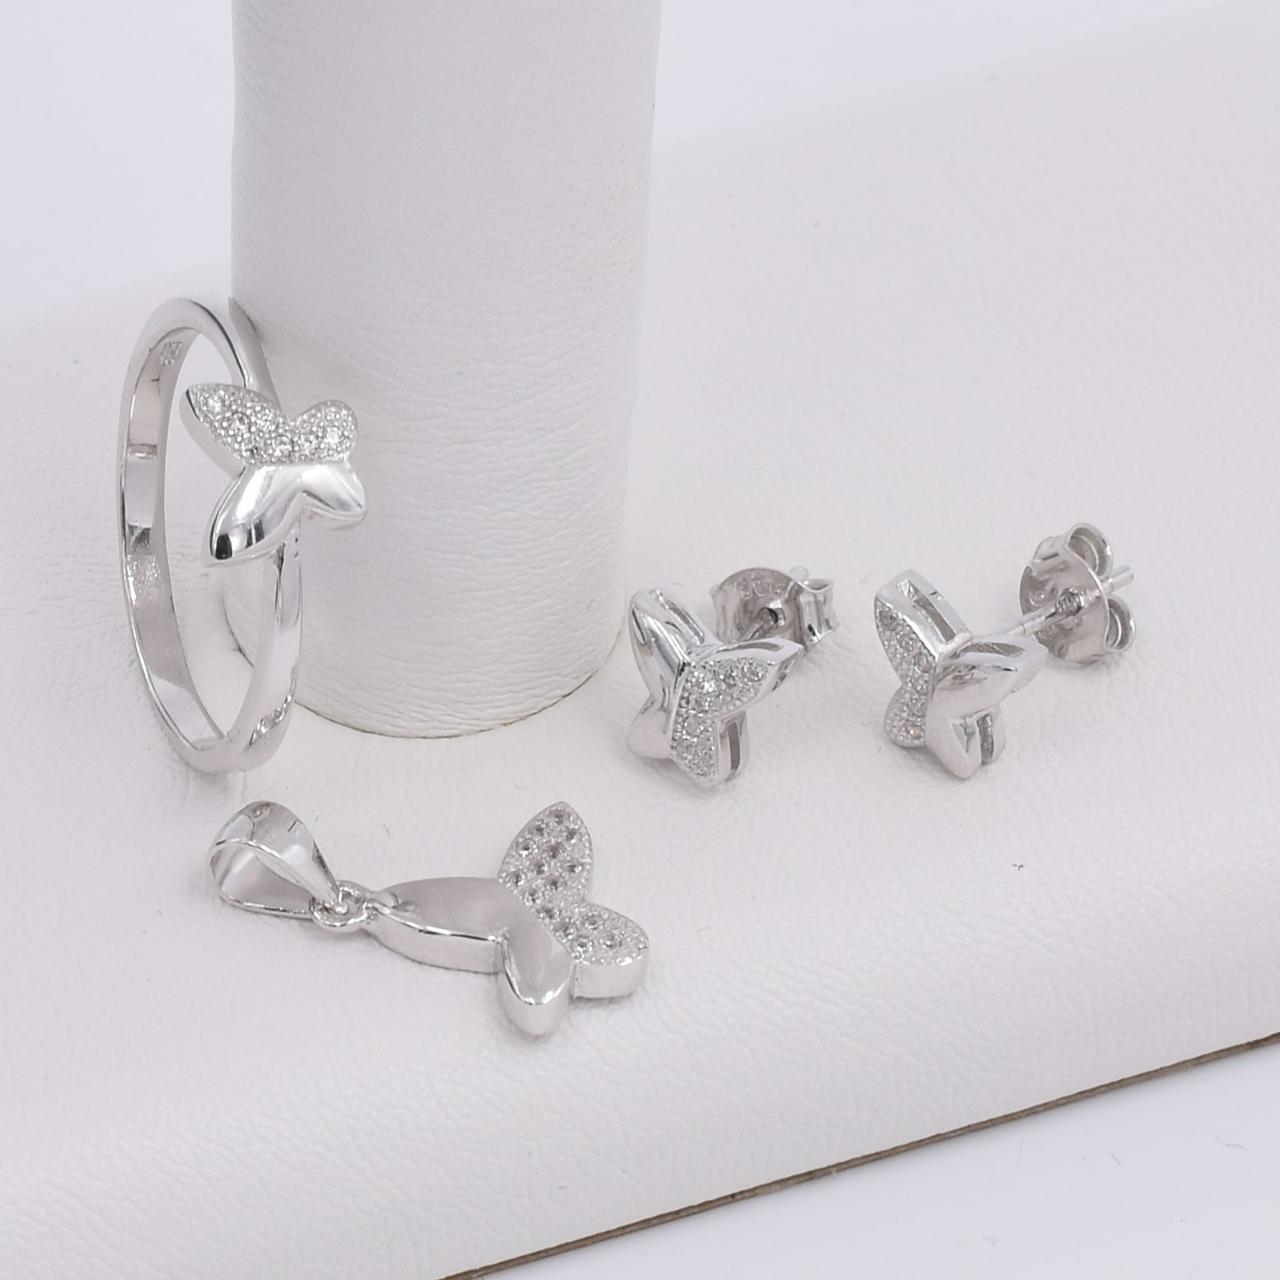 Серебряный набор кольцо размер 18.5 + серьги 8х8 мм + кулон 20х13 мм вставка белые фианиты вес 6.6 г